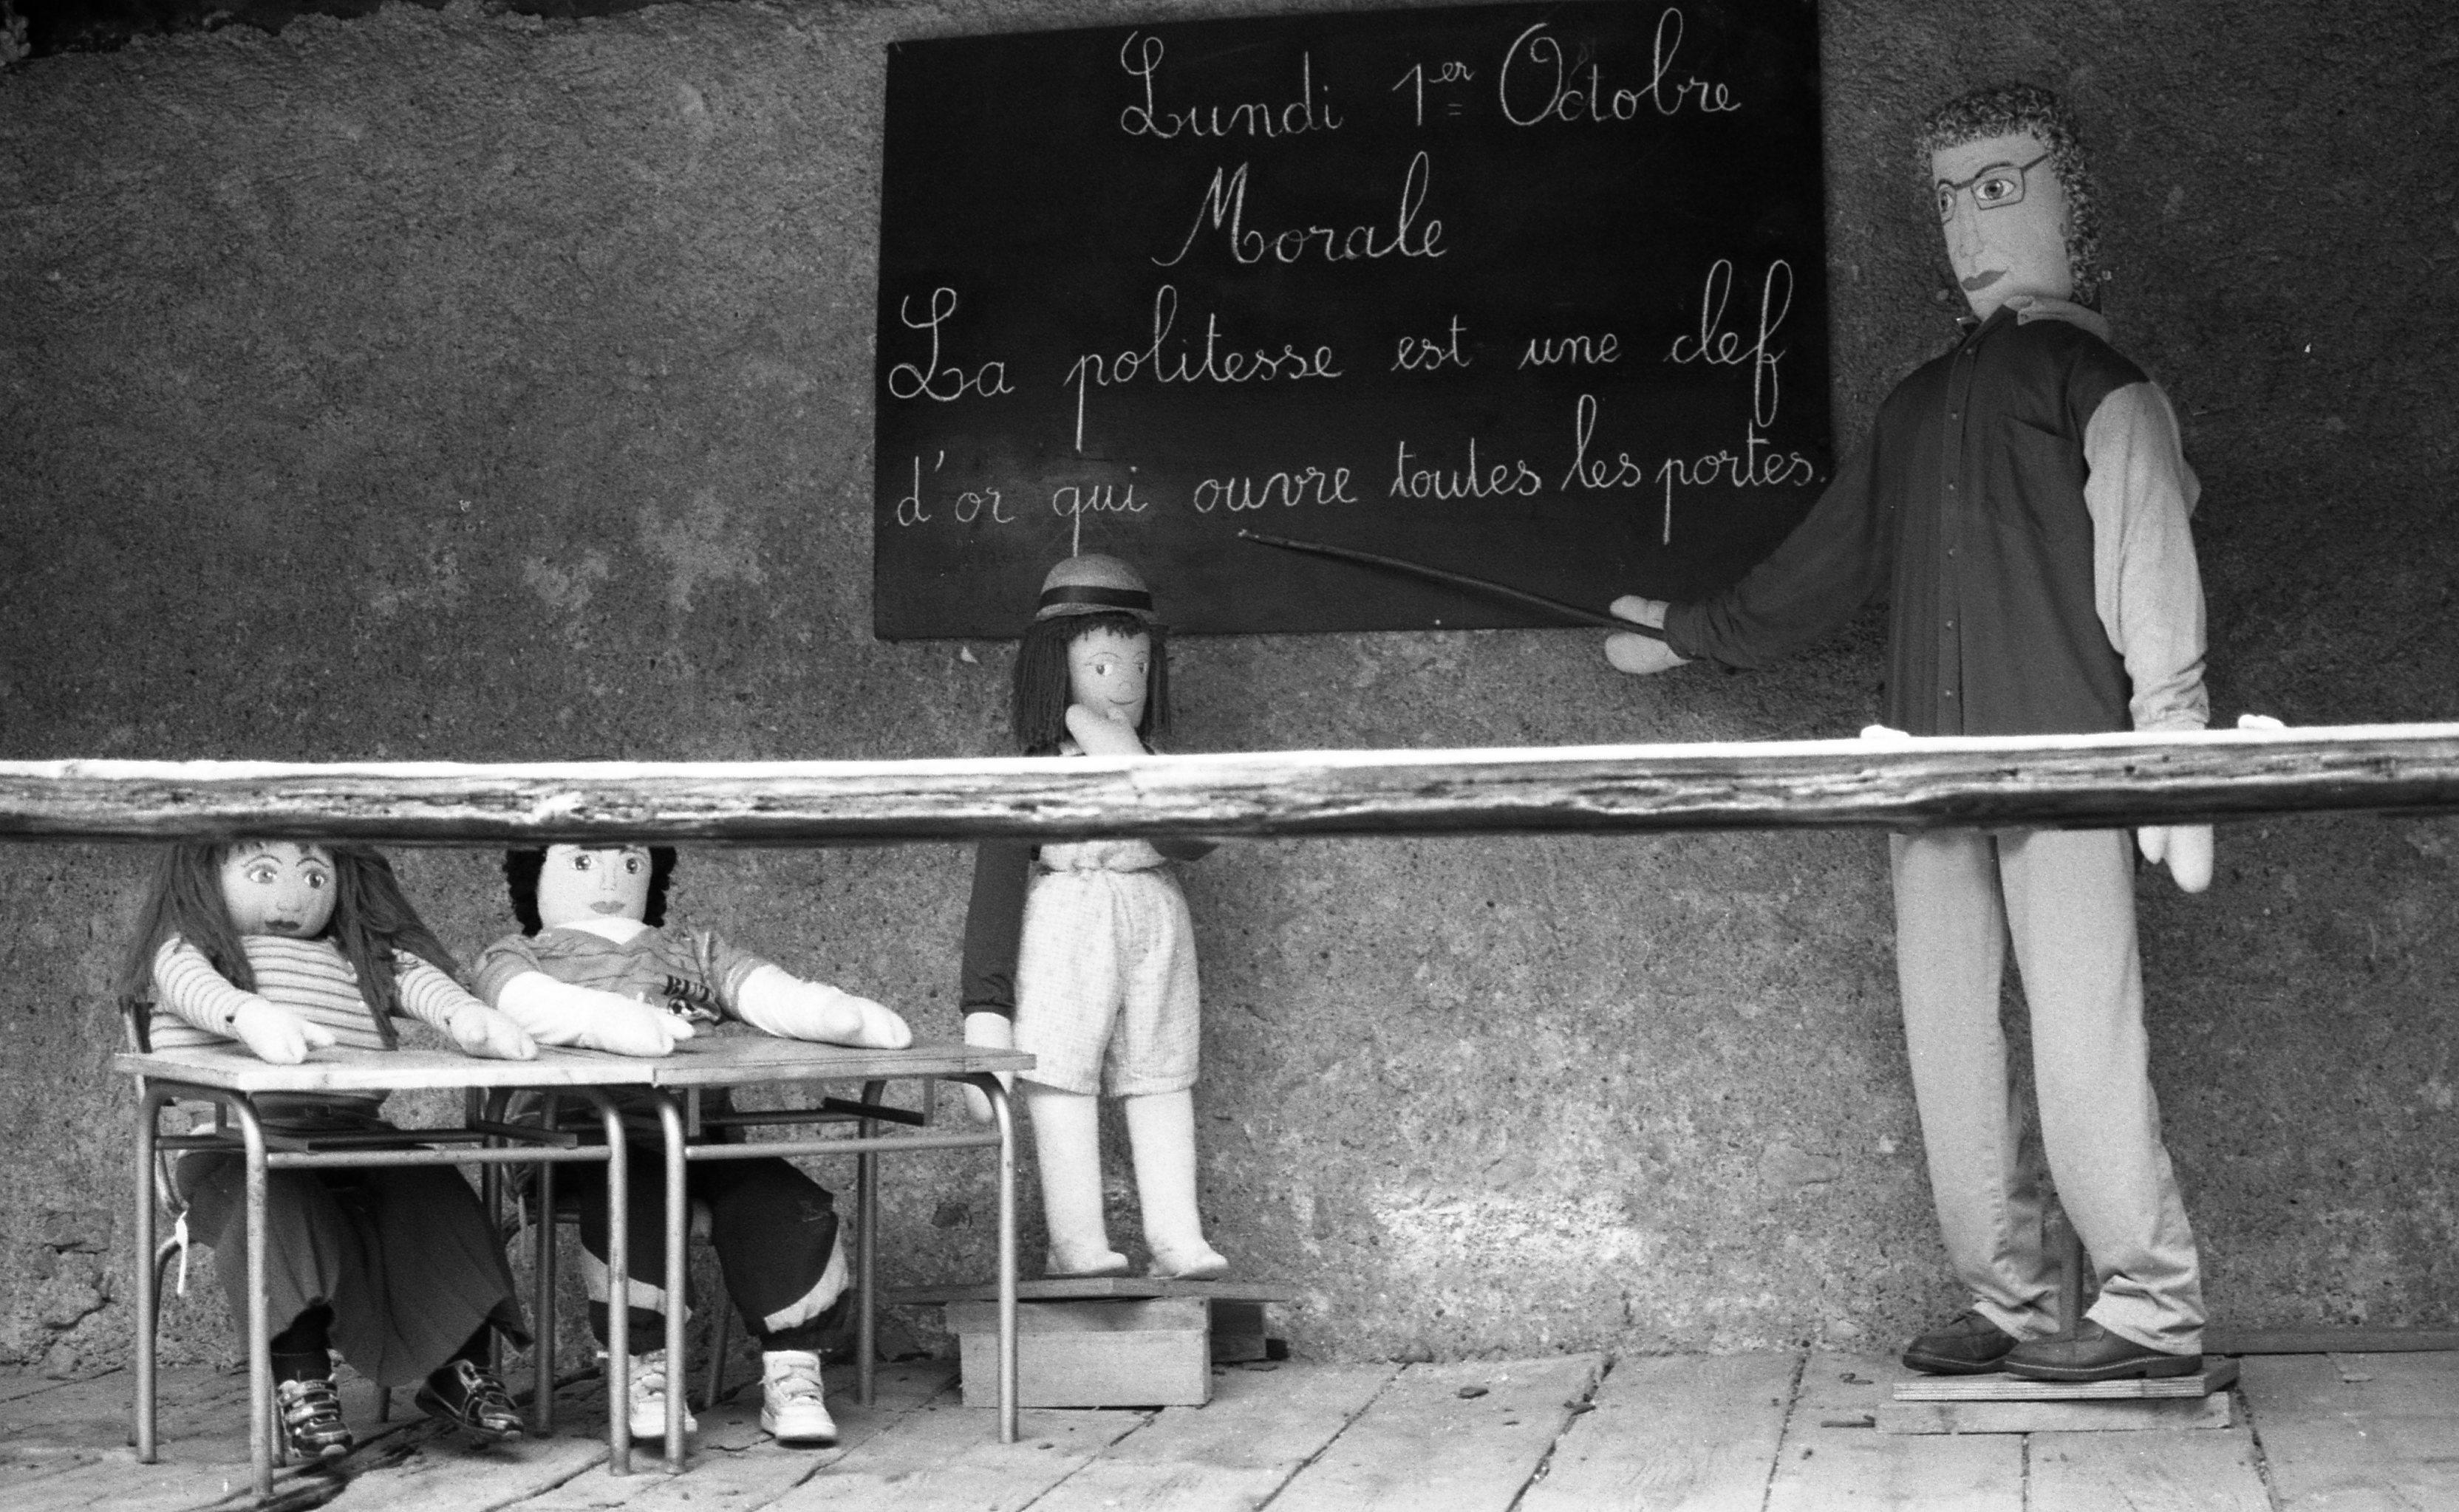 La leçon de morale (Oberdorff Antoine / creative commons)